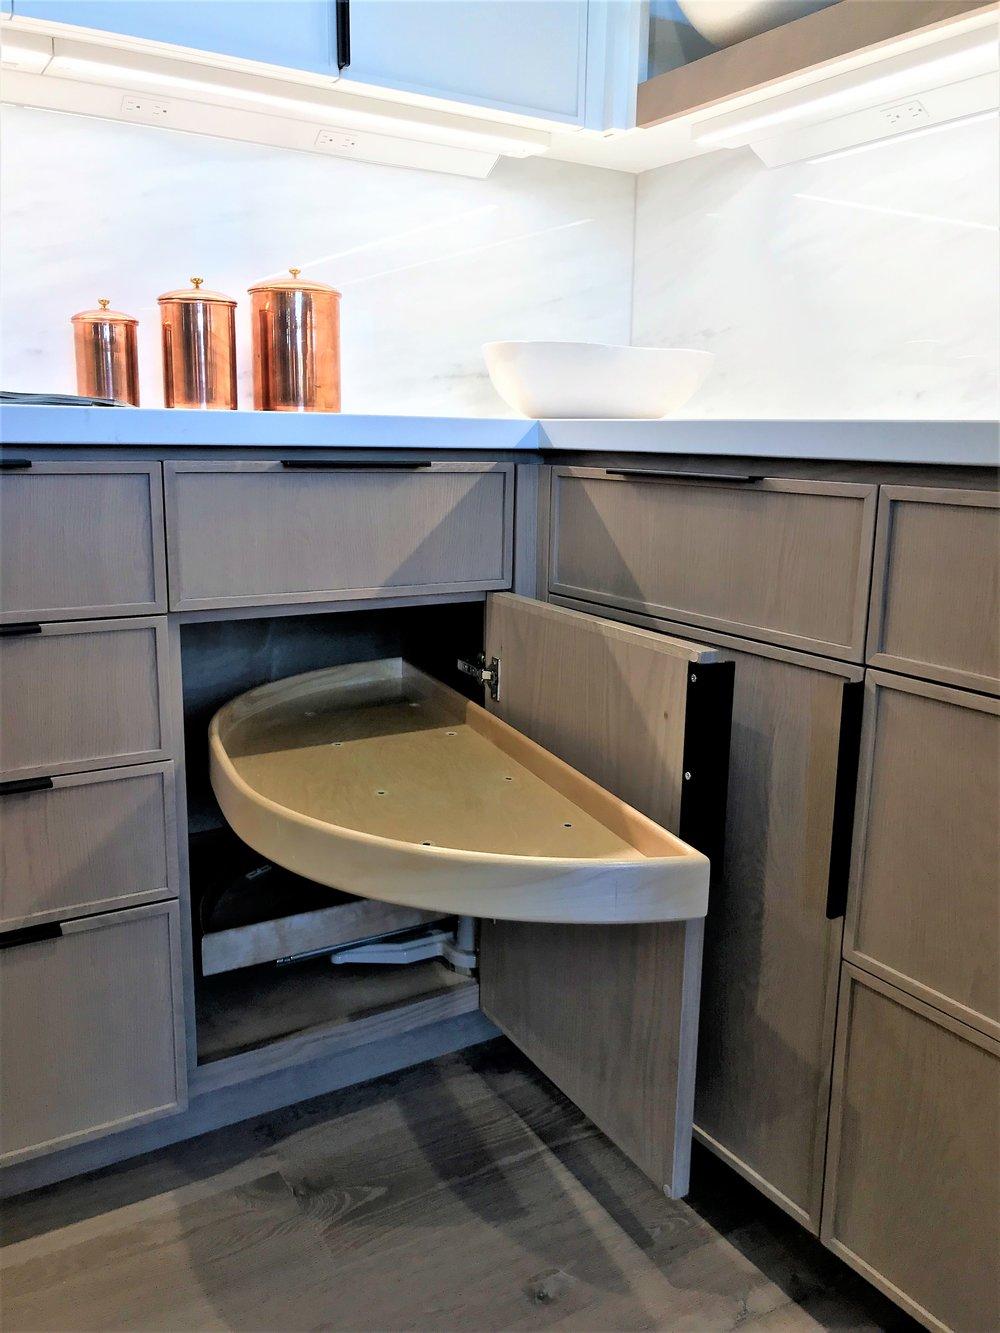 Blind Corner Cabinet with 'Half Moon' Shelves